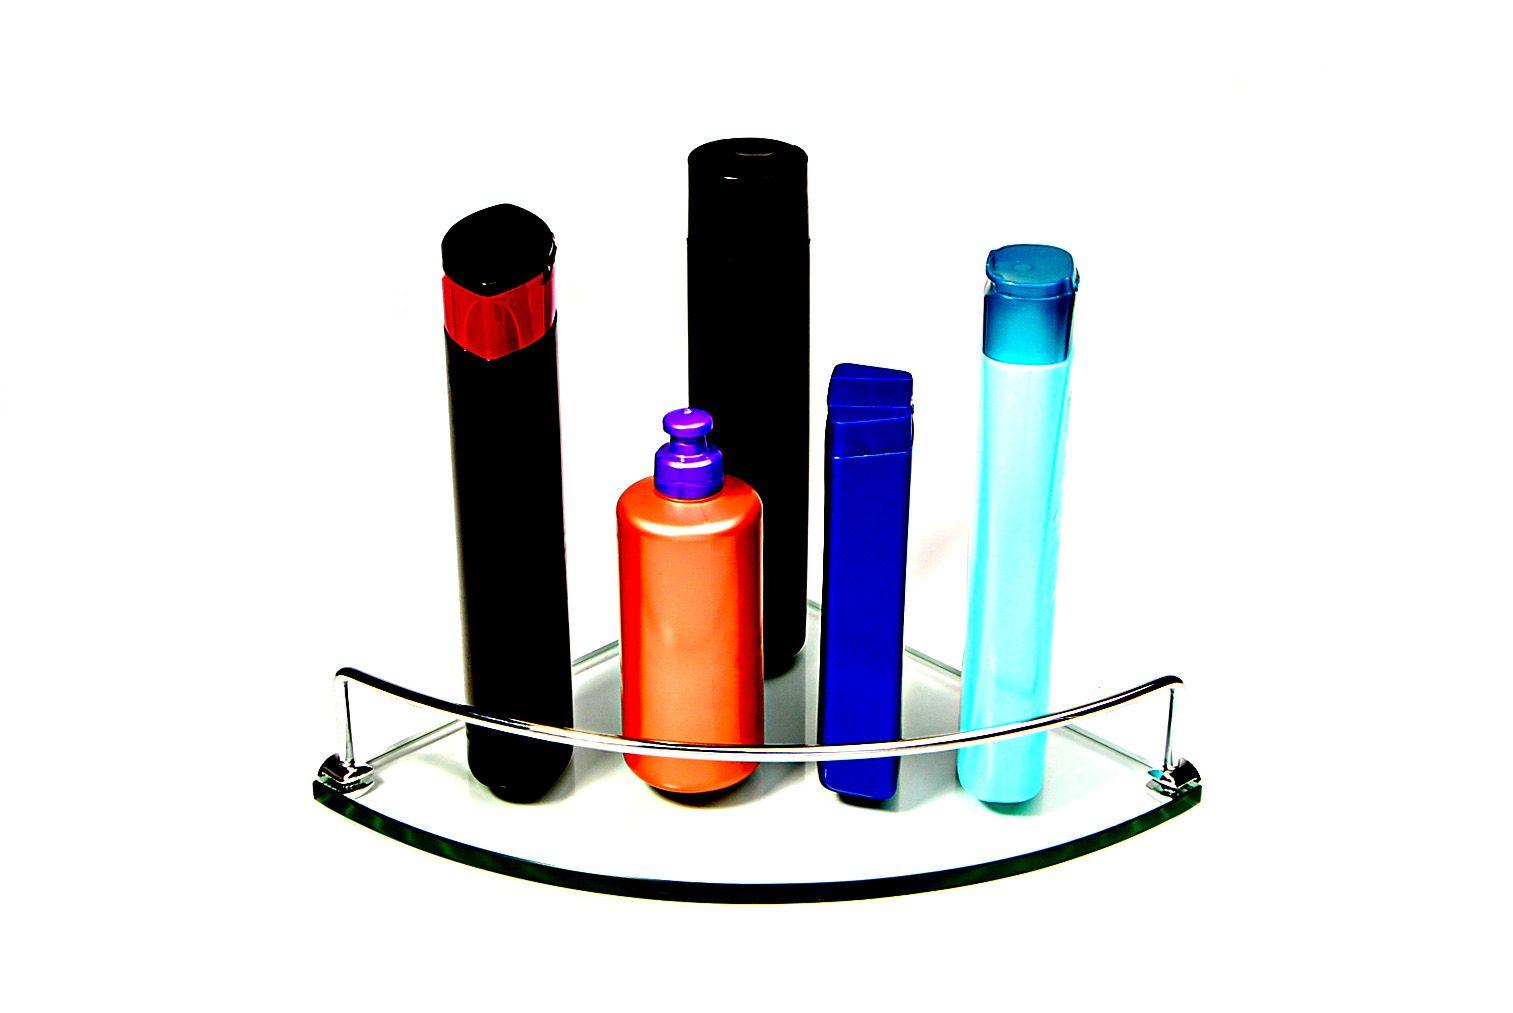 Porta shampoo de canto curvo em vidro incolor 10mm, lapidado, com suportes redondos e aramado - Aquabox - 25cmx25cmx10mm